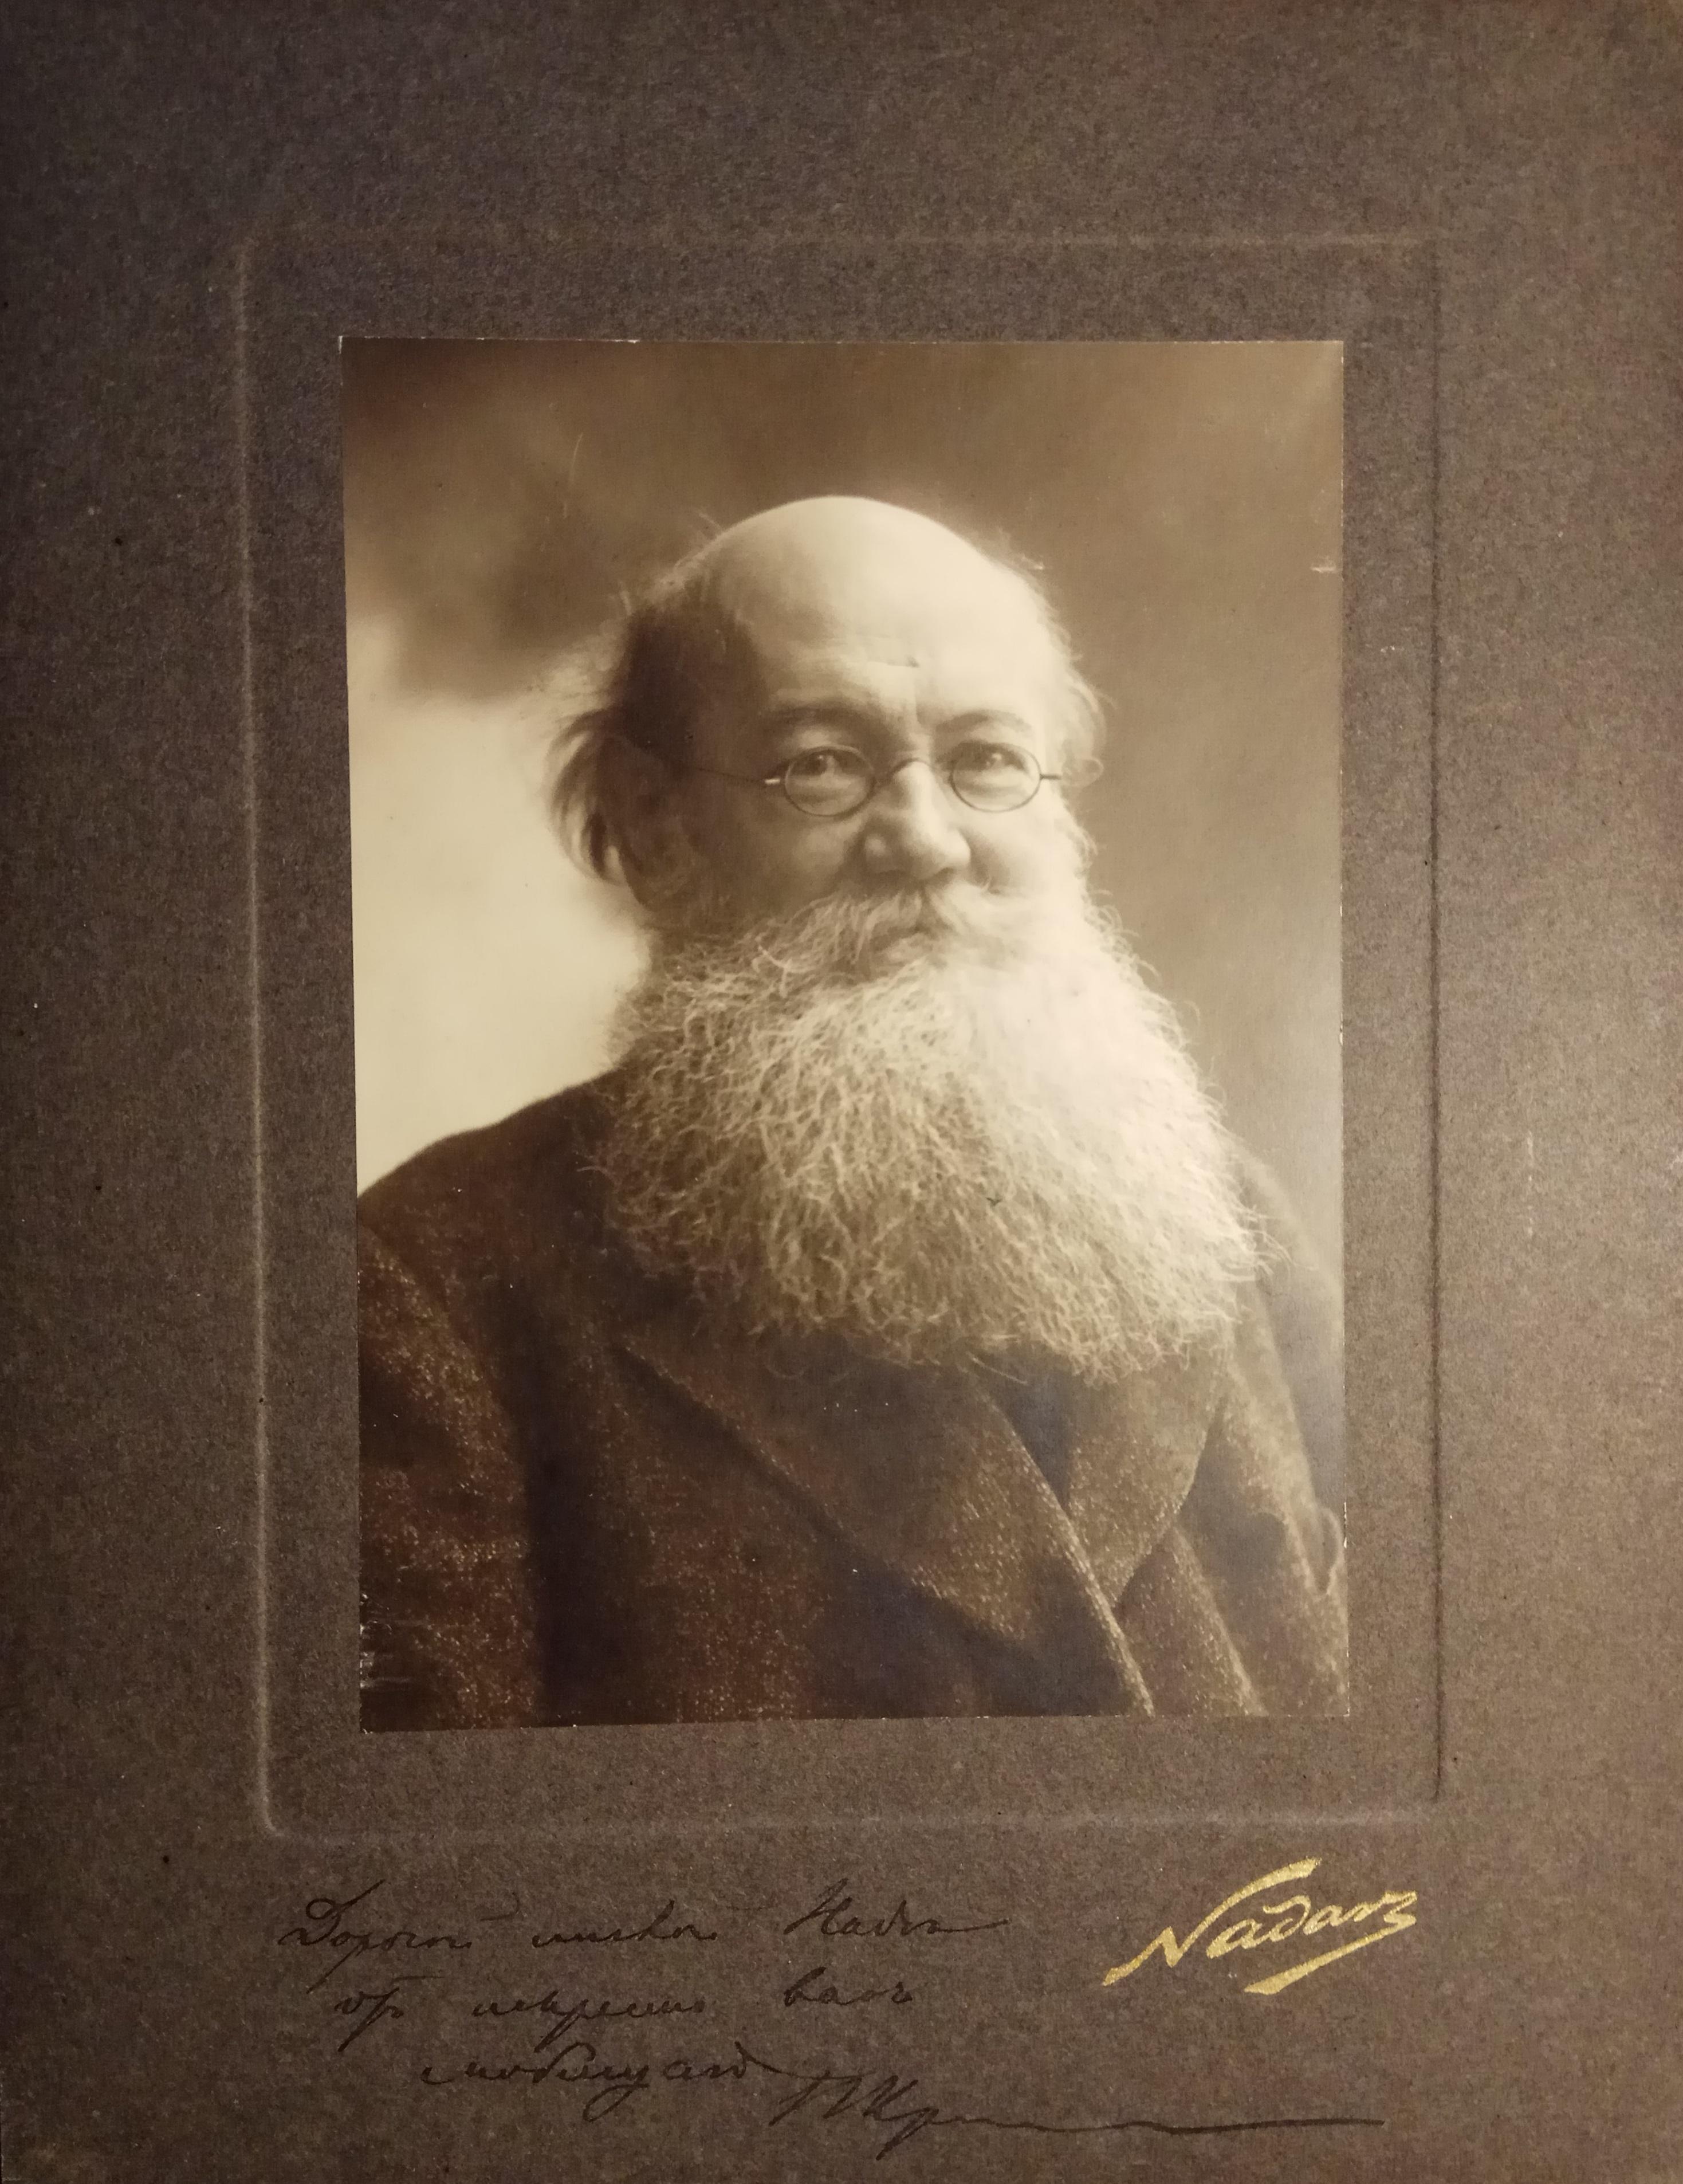 Портрет П.А.Кропоткина работы Надара, с автографом П.А.Кропоткина